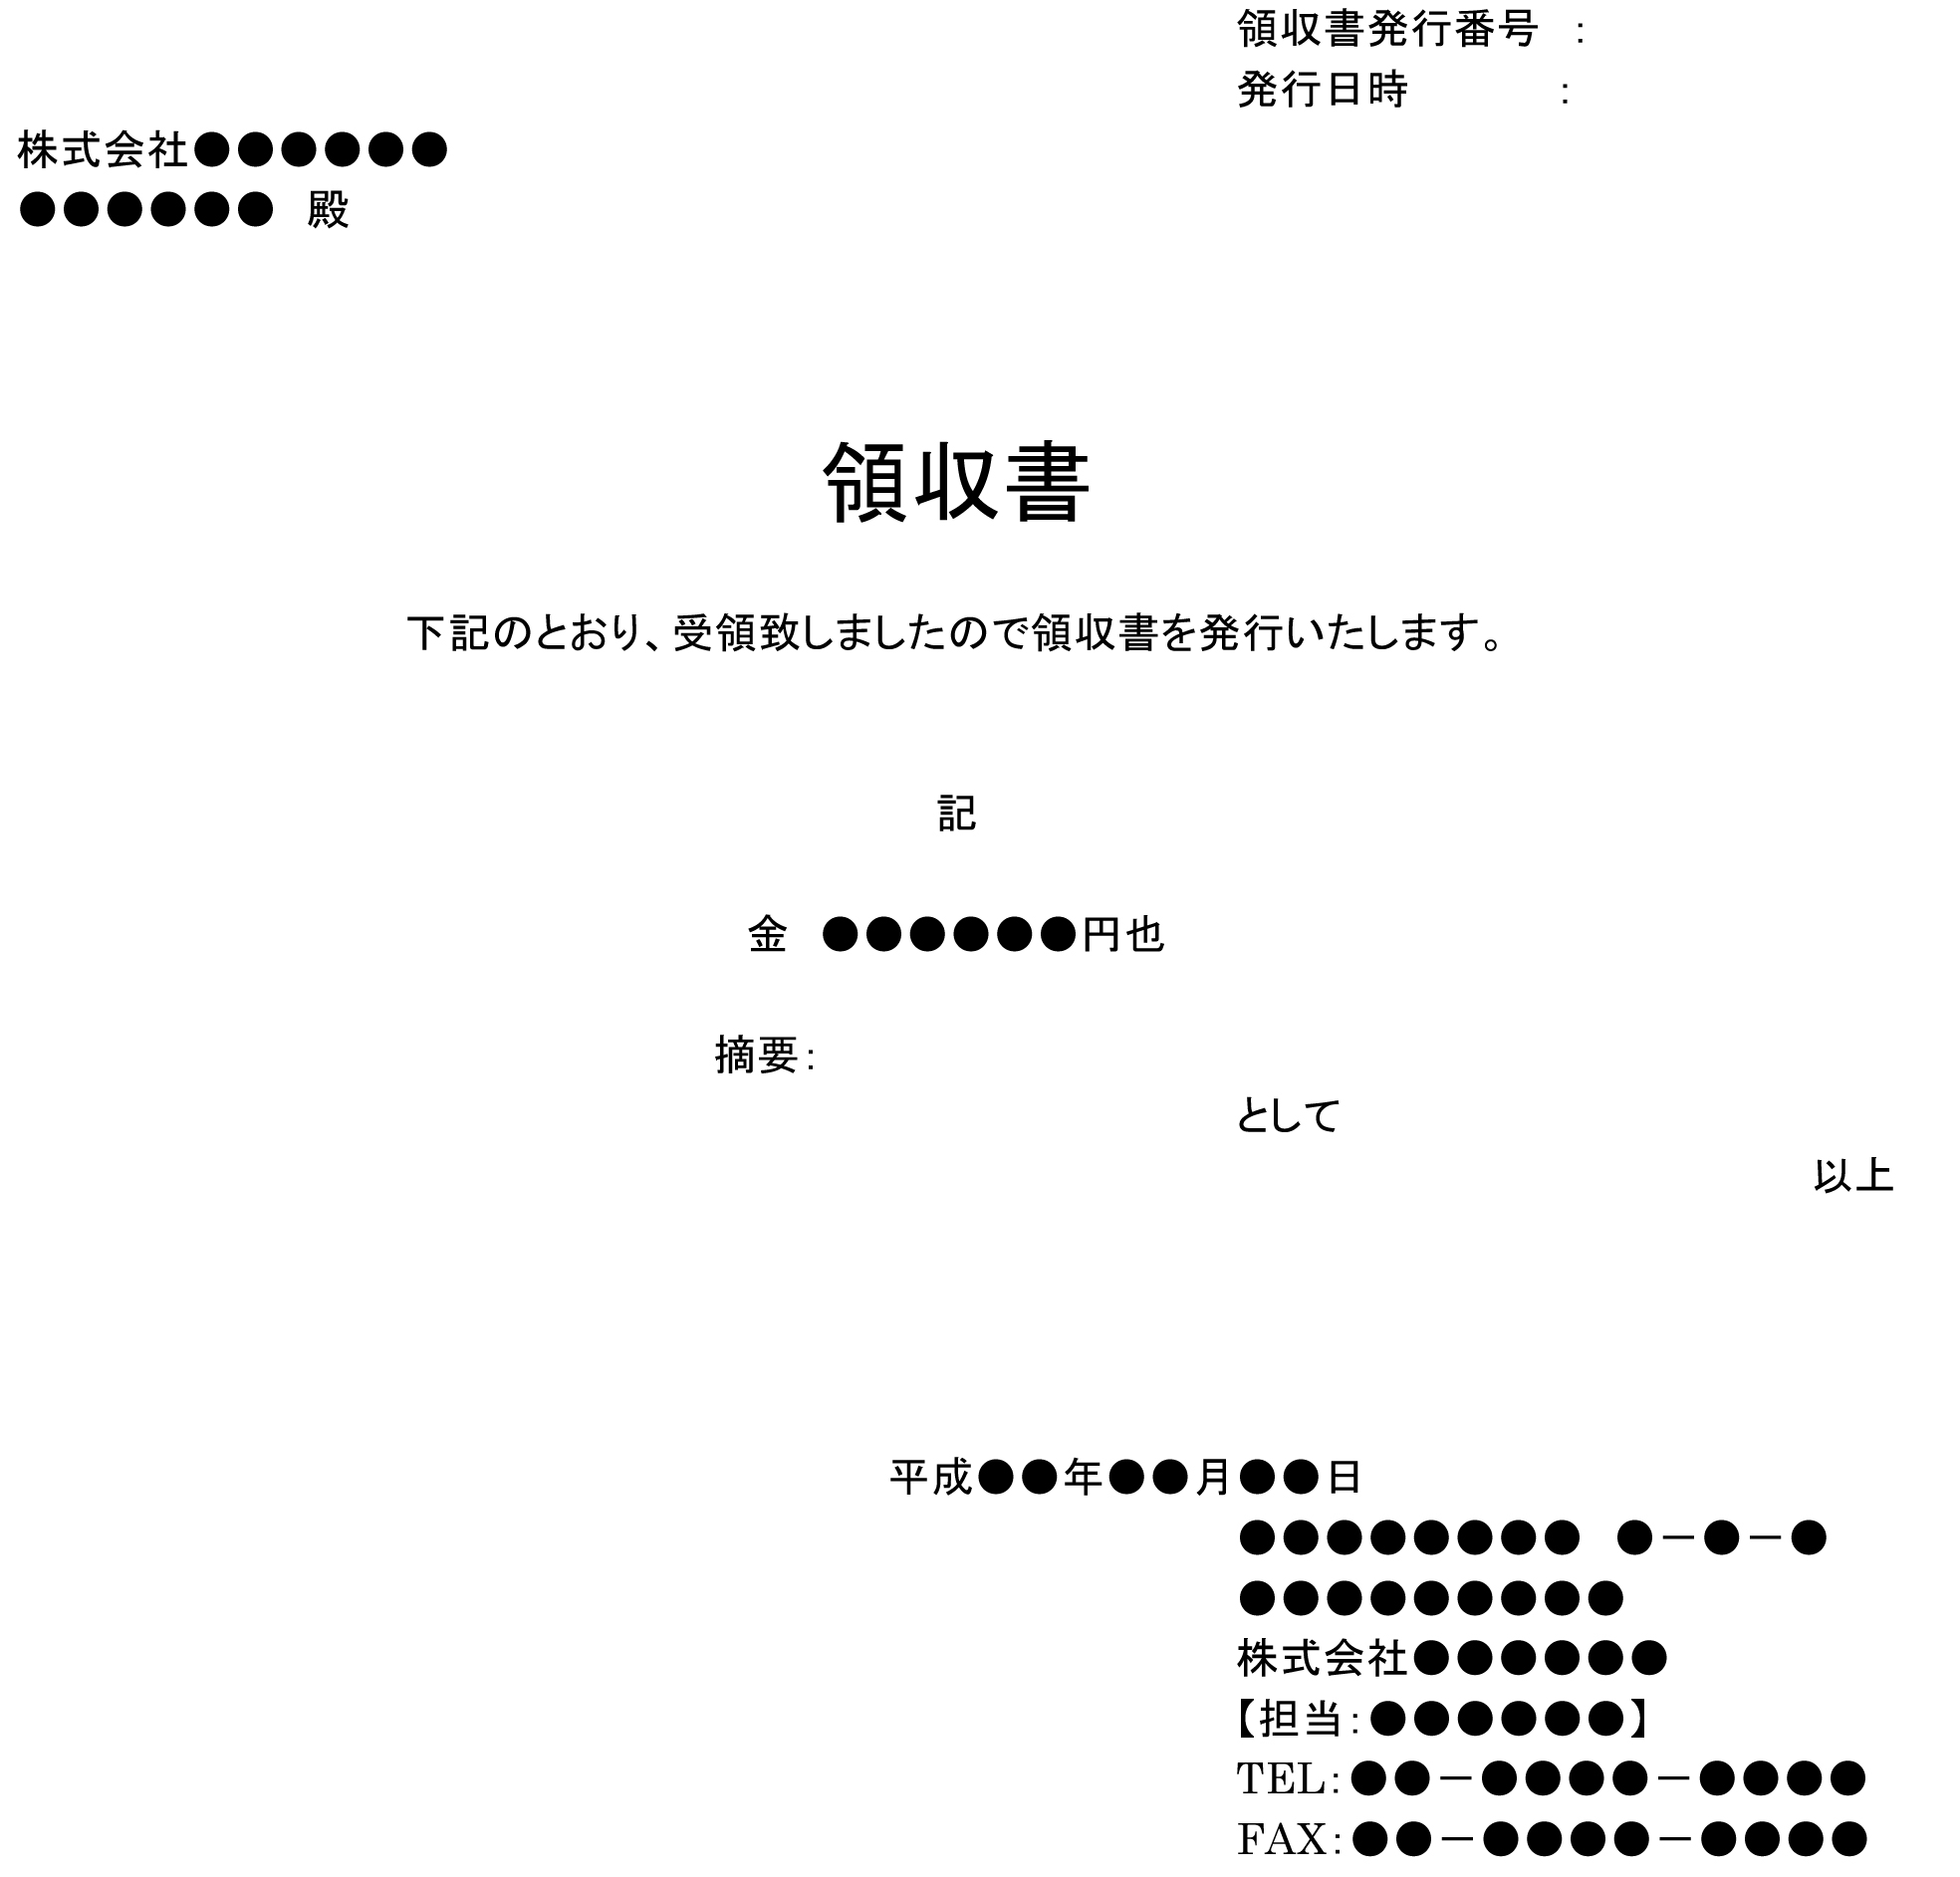 領収書のテンプレート書式